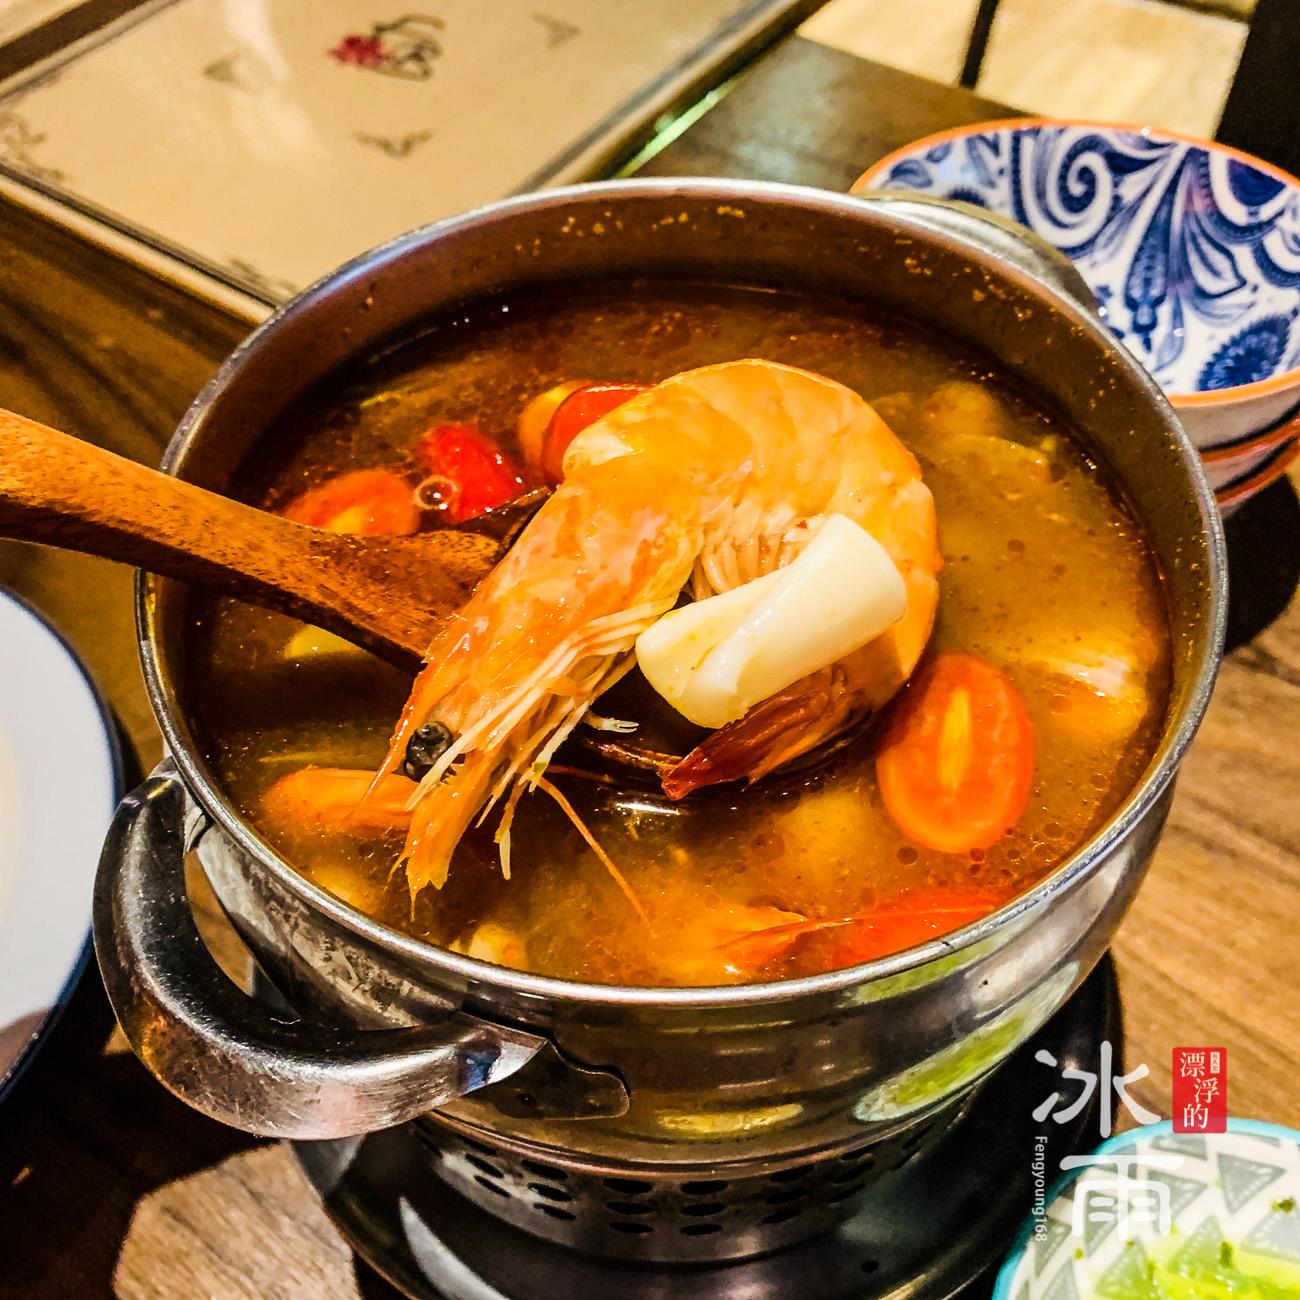 去泰國必吃的泰國酸辣湯,不管是清湯還是奶湯都很好喝